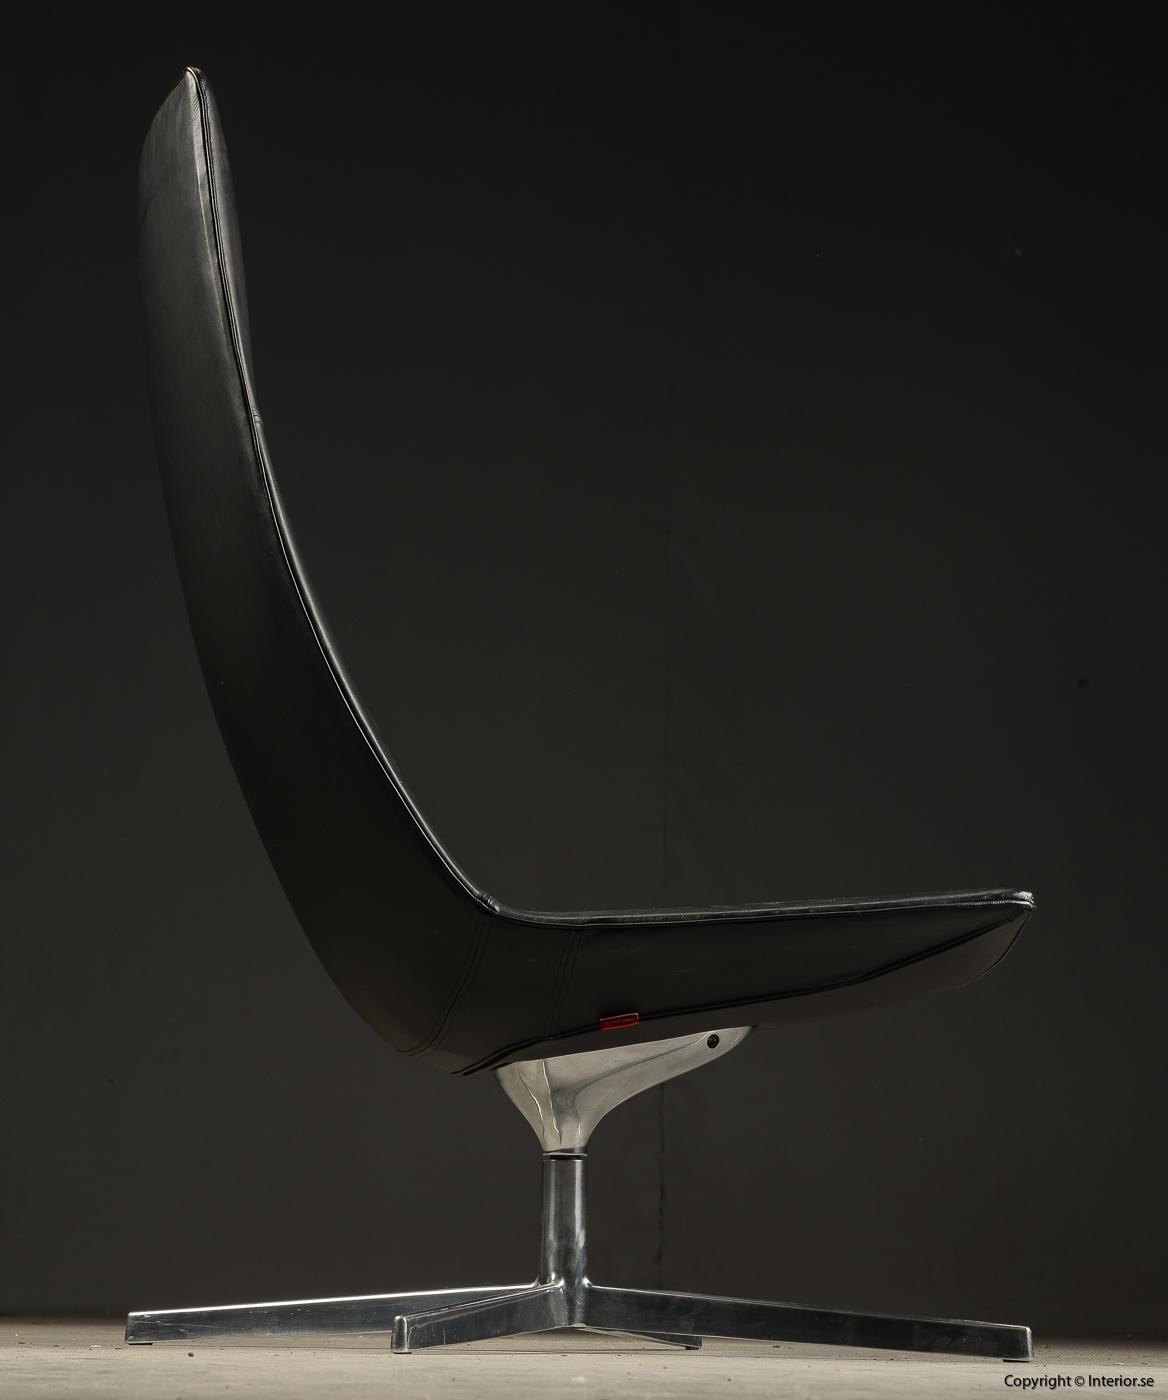 Loungefåtölj lounge chair Arper Catifa 70 läder - Lievore, Altherr, Molina  4